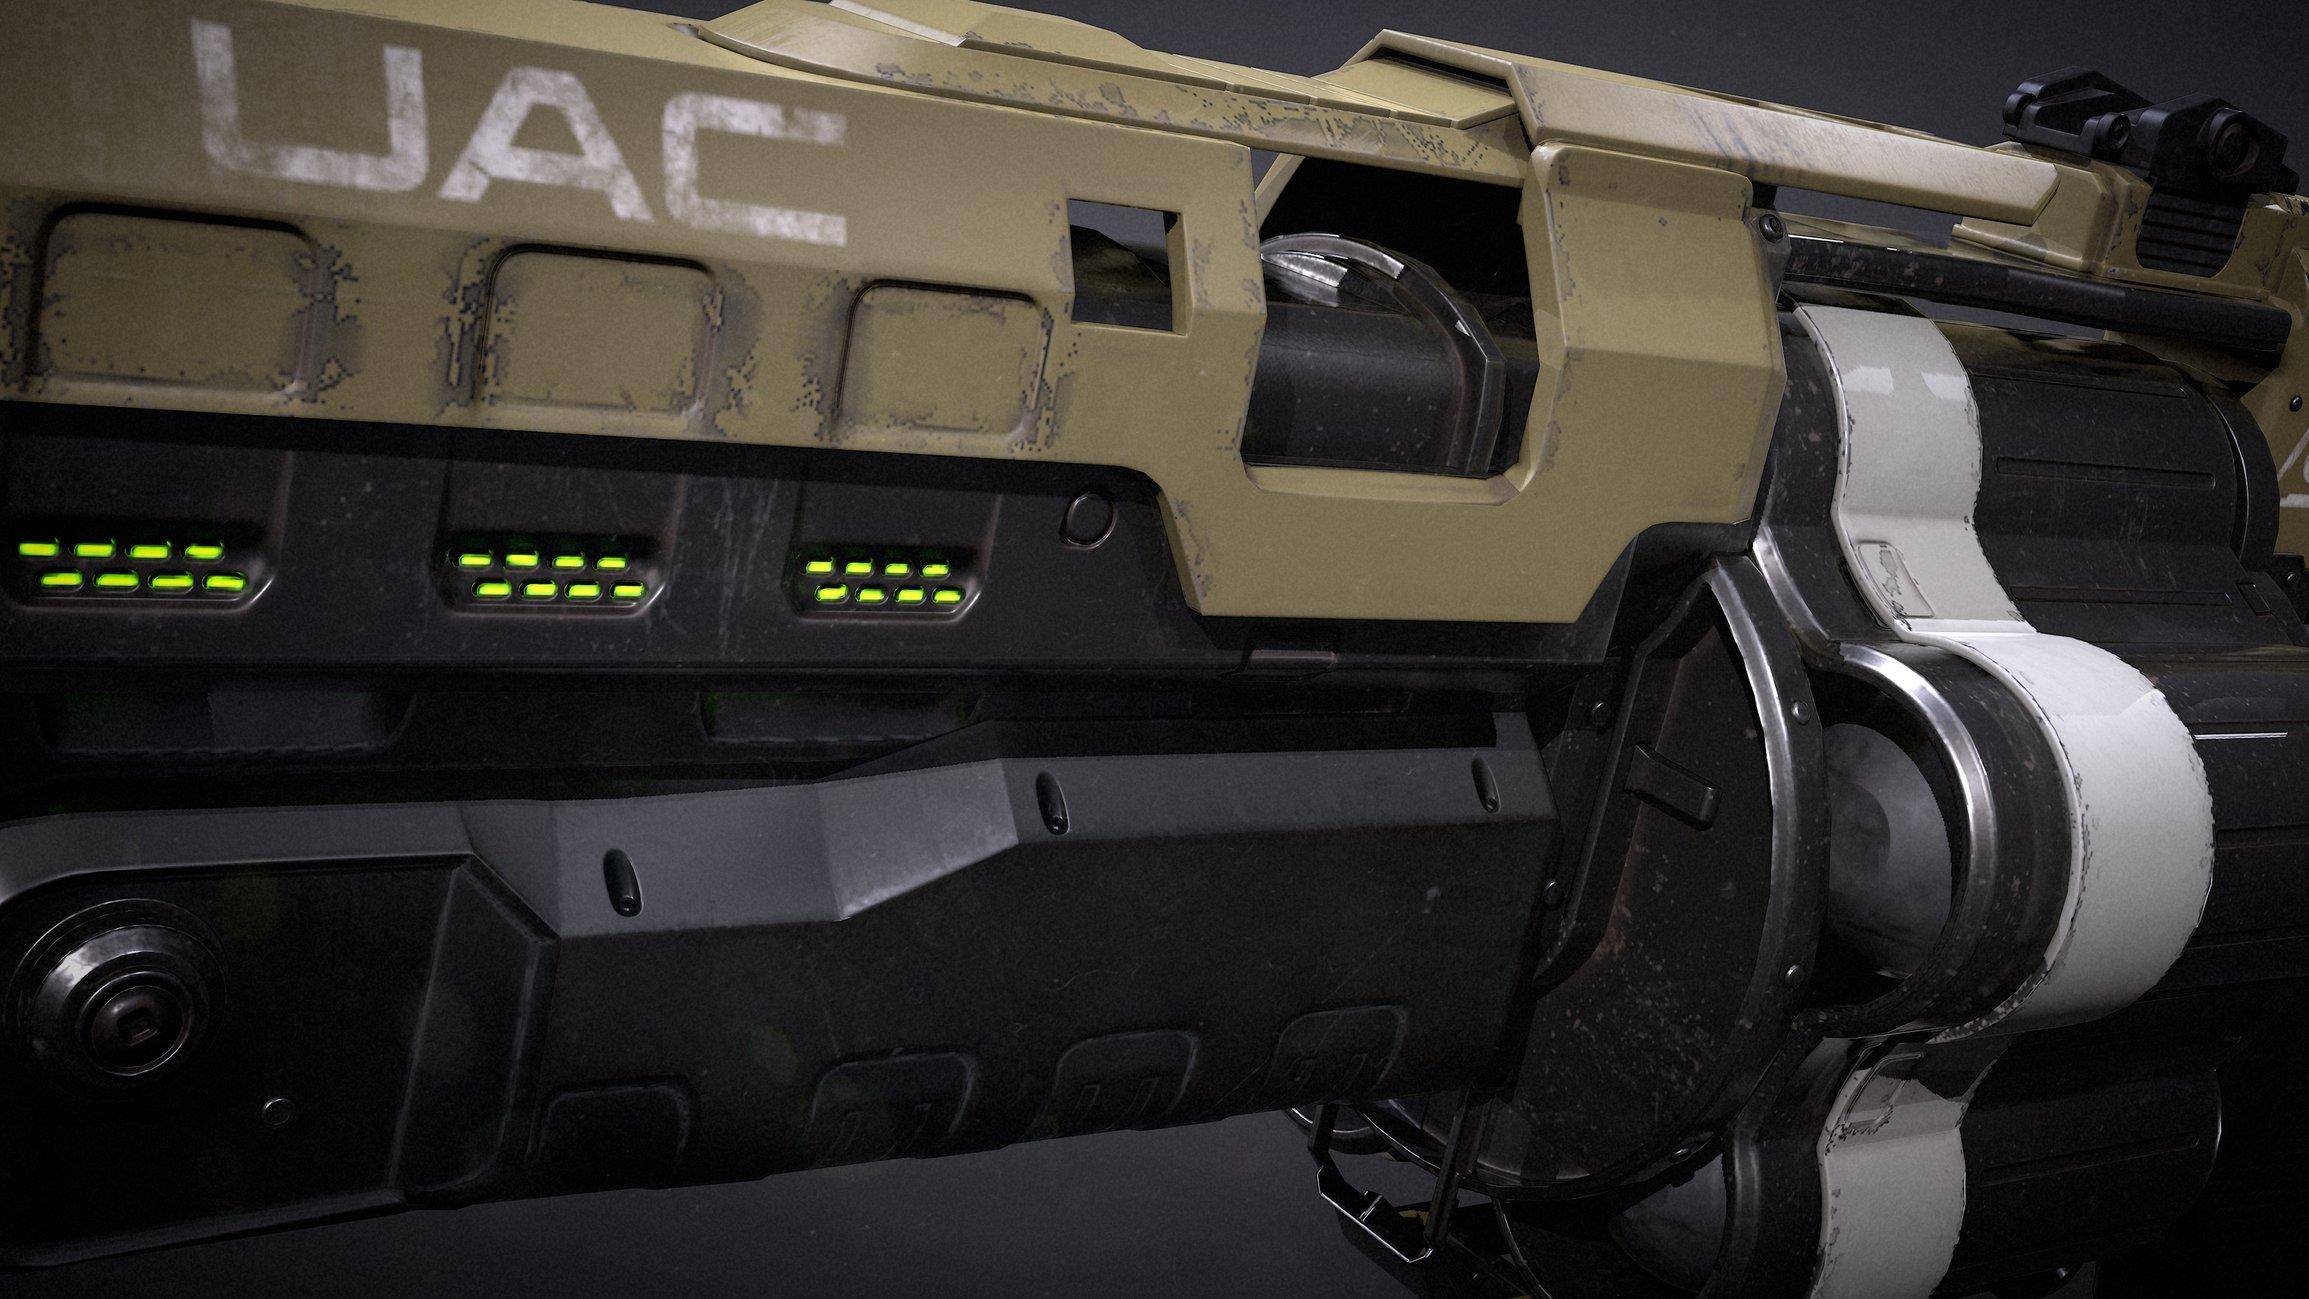 Doom 4 Grenade Launcher Fant Art Polycount - Imagez co